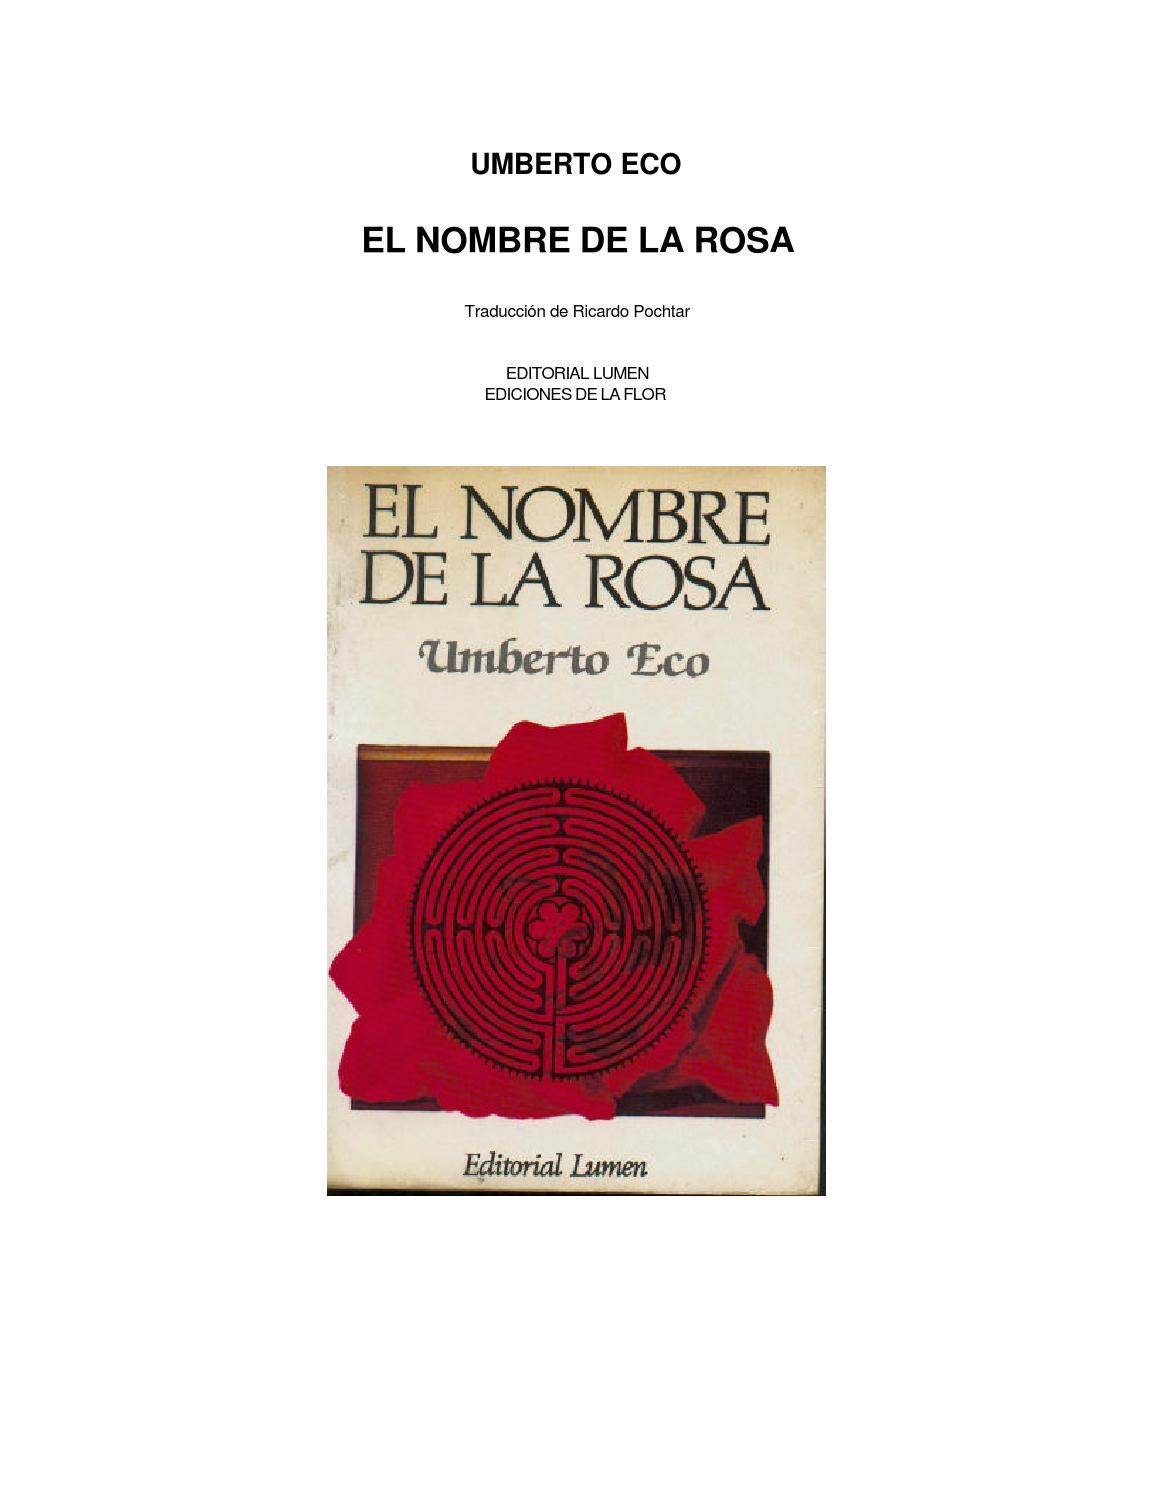 EcoUmberto Nombre Rosa El De La BrCodWQxe